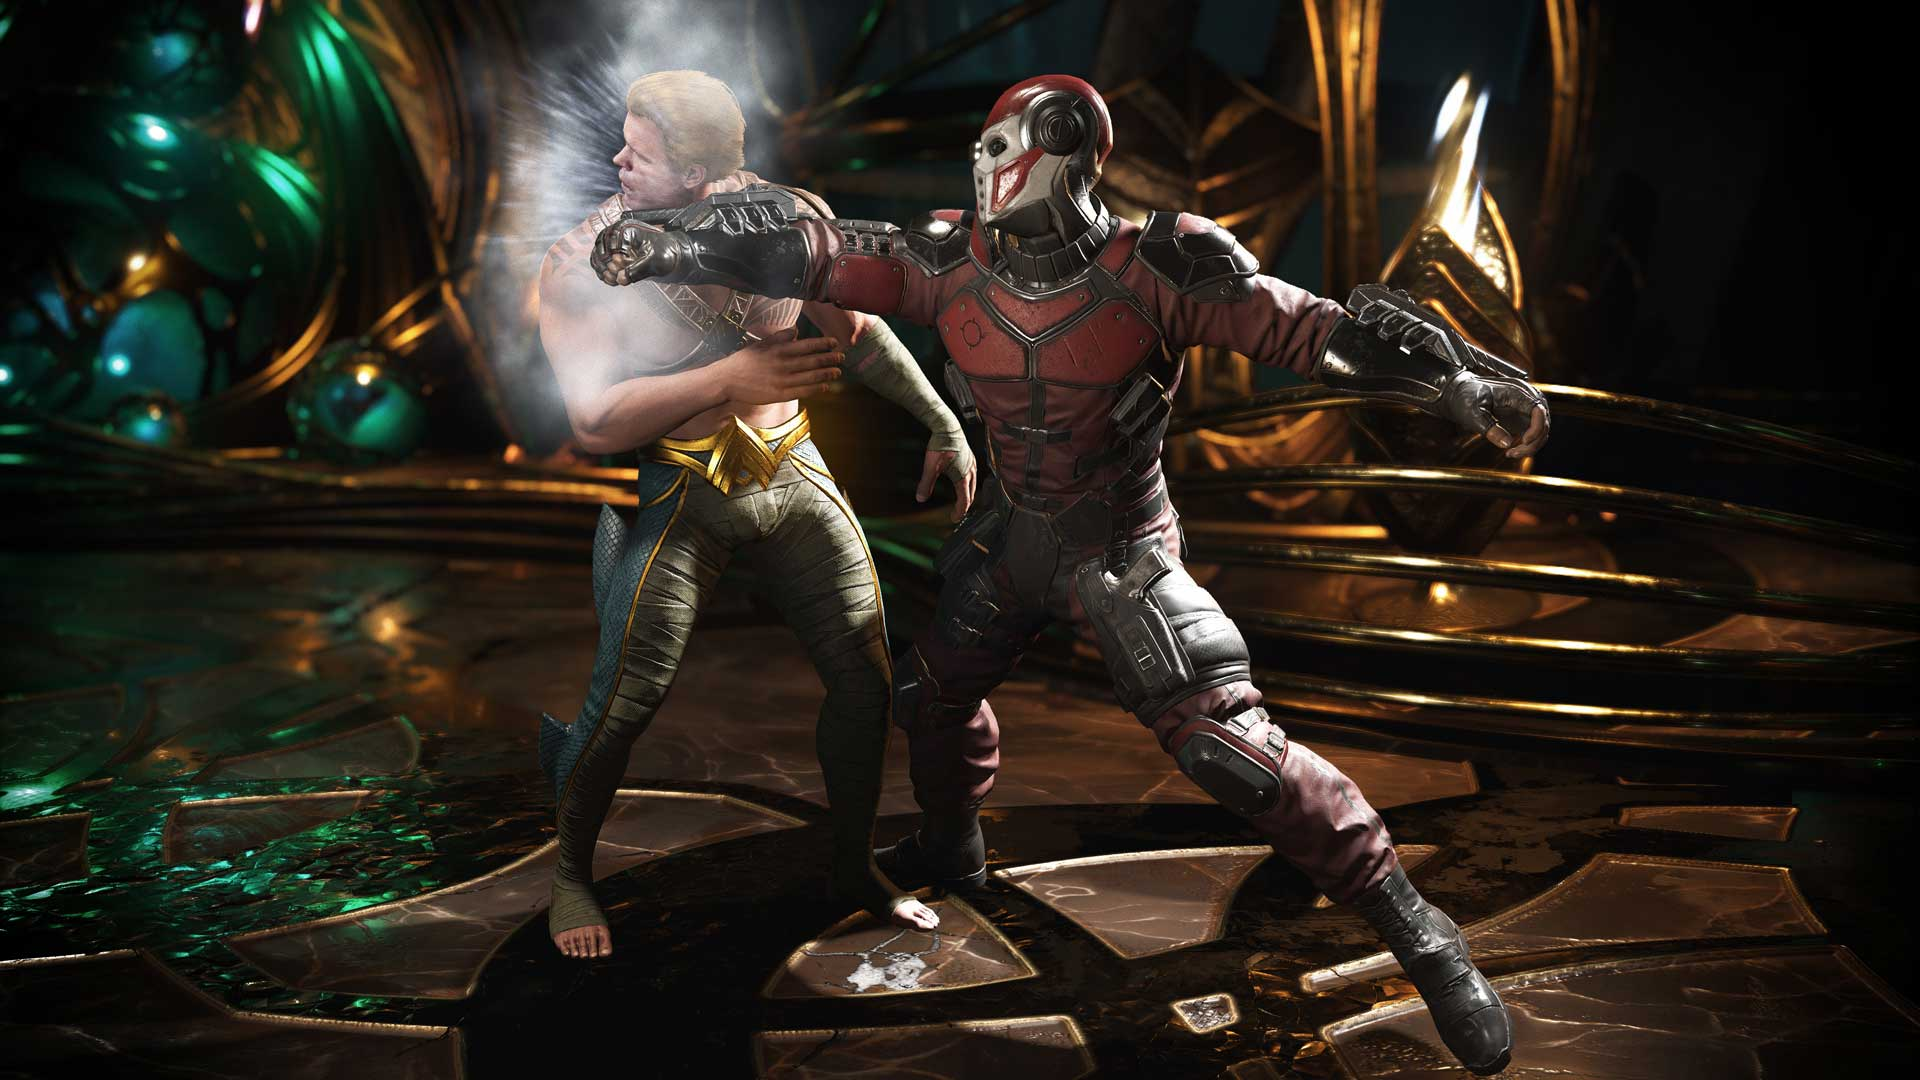 Hasil gambar untuk gambar game injustice 2